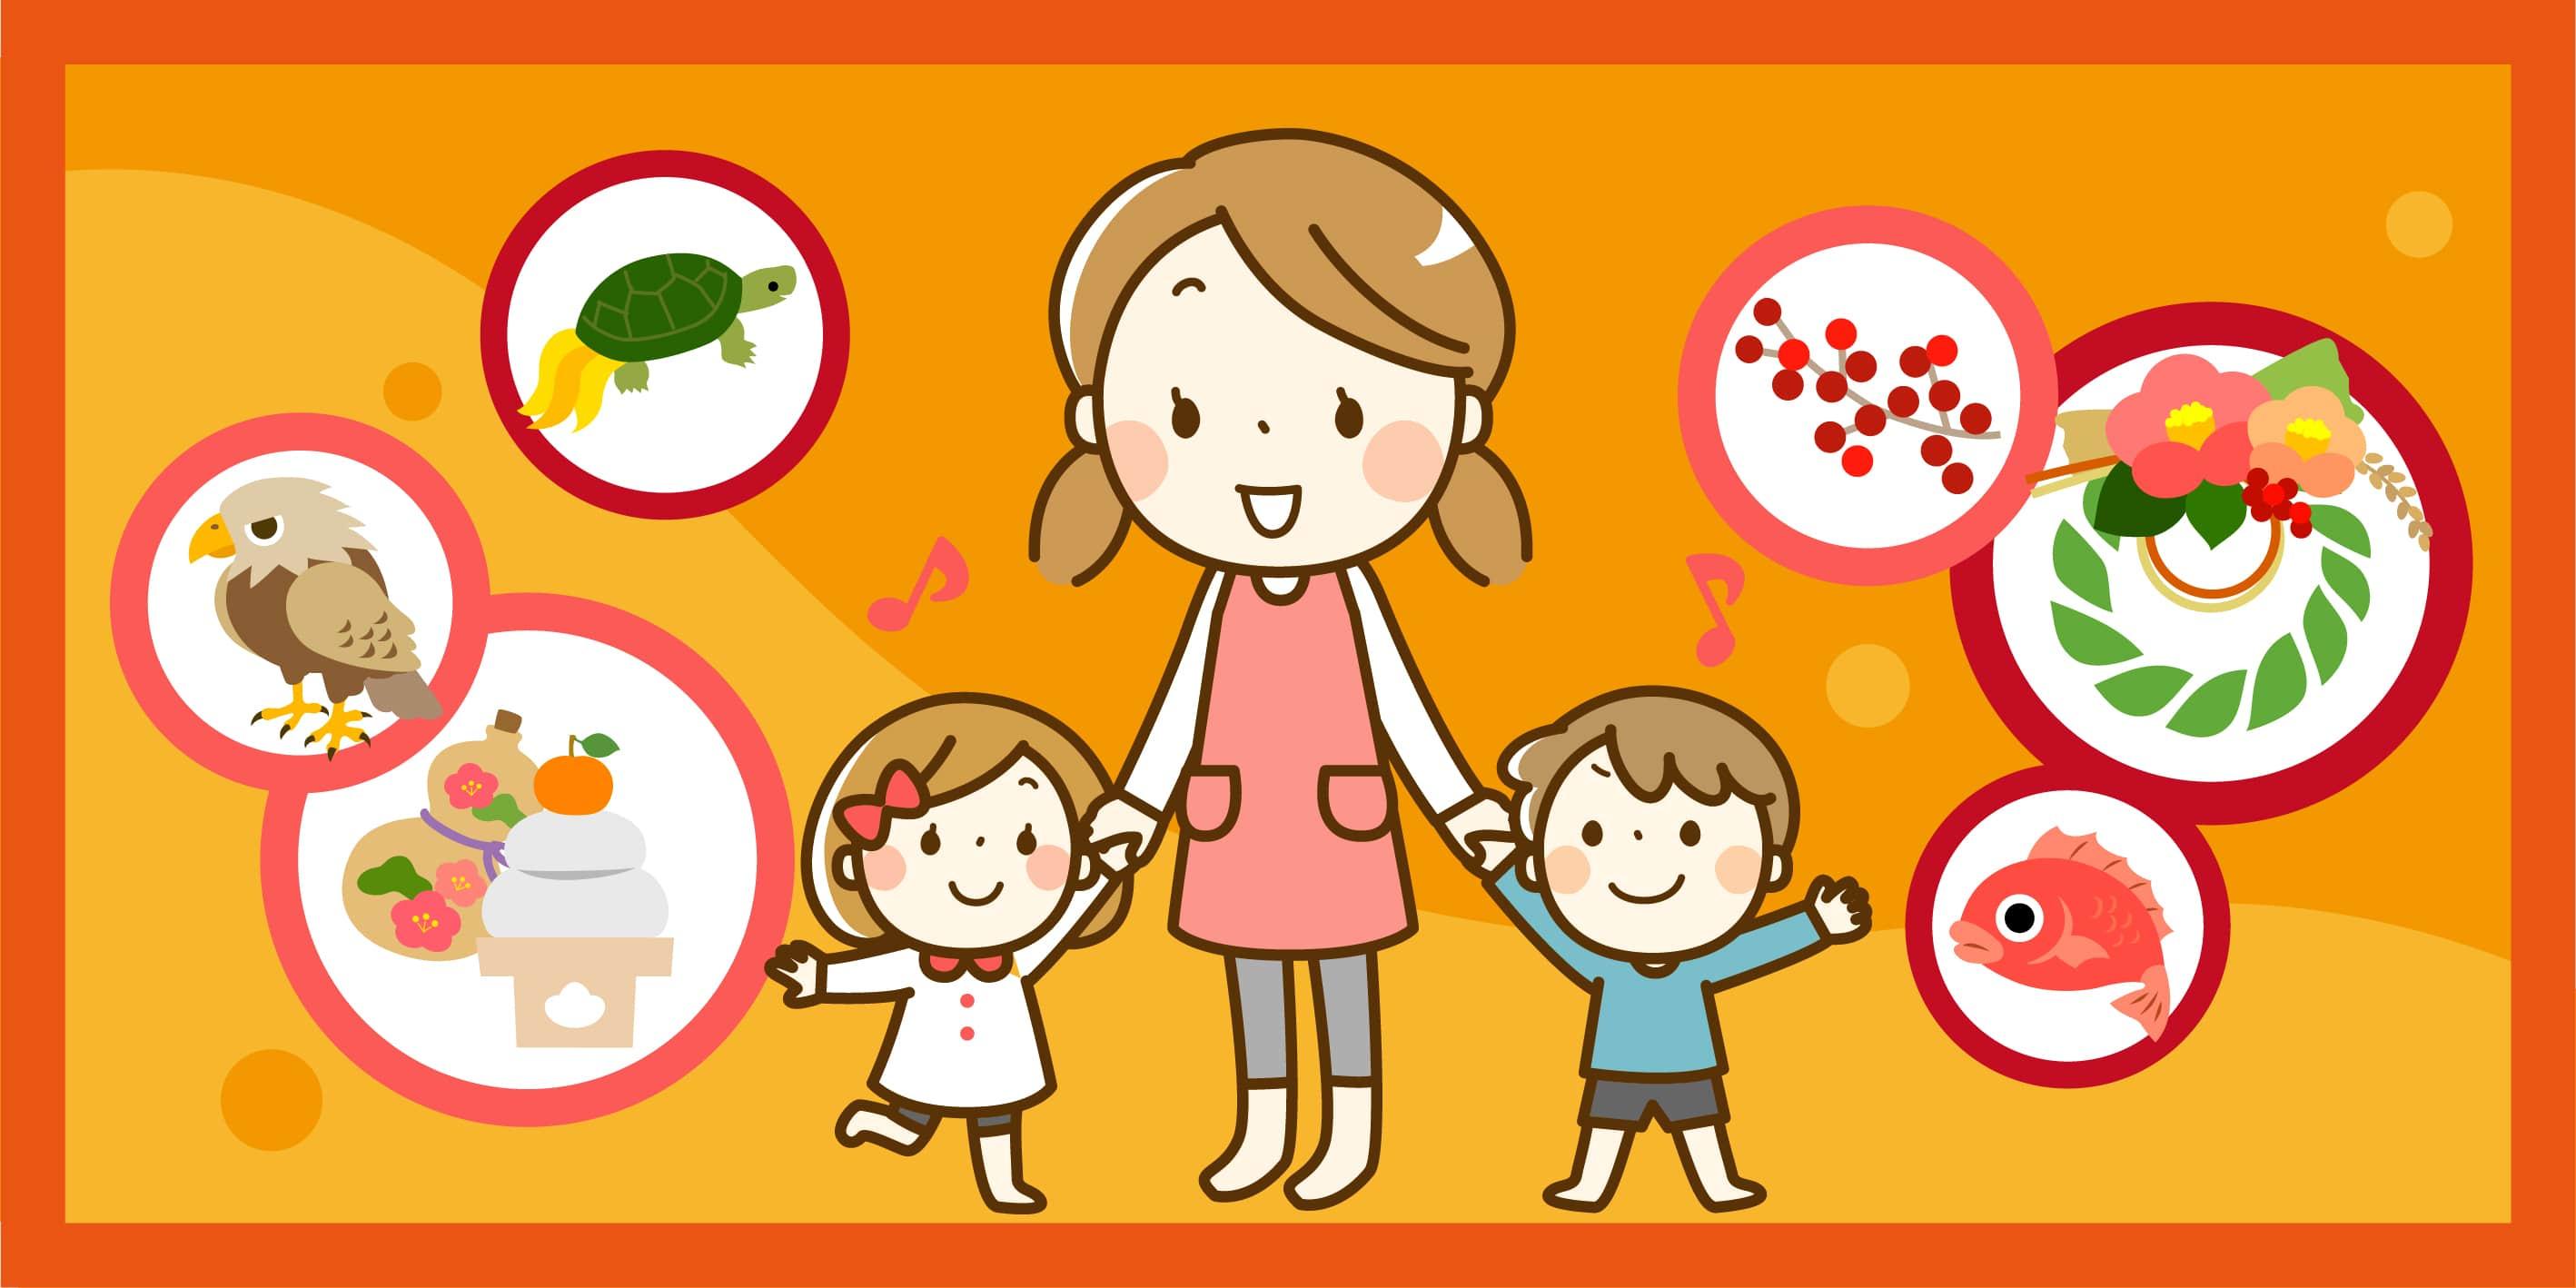 課程與日常生活情境融合,不用硬背也能掌握日文句型,讓孩童隨口就能說出日文